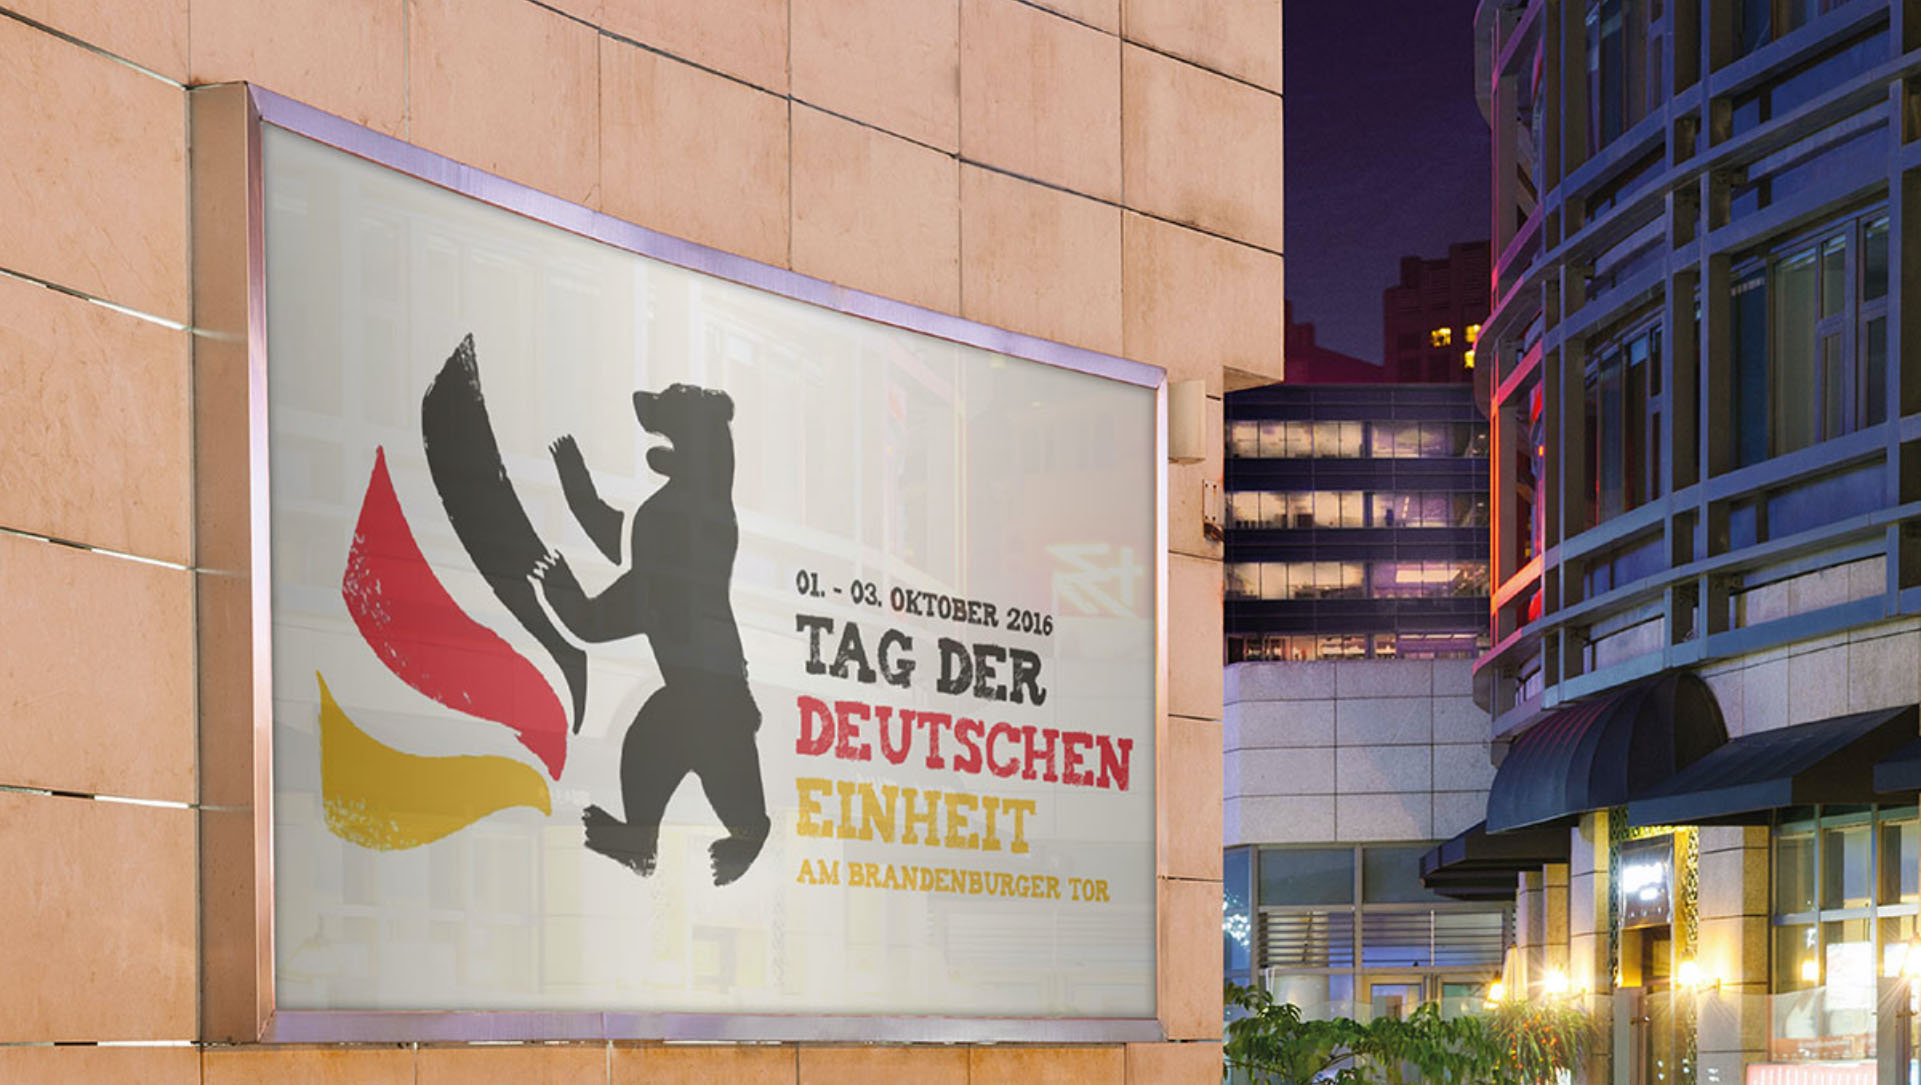 Ein Foto zum Tag der deutschen Einheit 2016: Abgebildet ist ein Werbeplakat an einer Wand in der Innenstadt Berlins. Auf dem Werbeplakat ist das Logo vom Tag der deutschen Einheit 2016 zu sehen, sowie die Eckdaten der Veranstaltung.